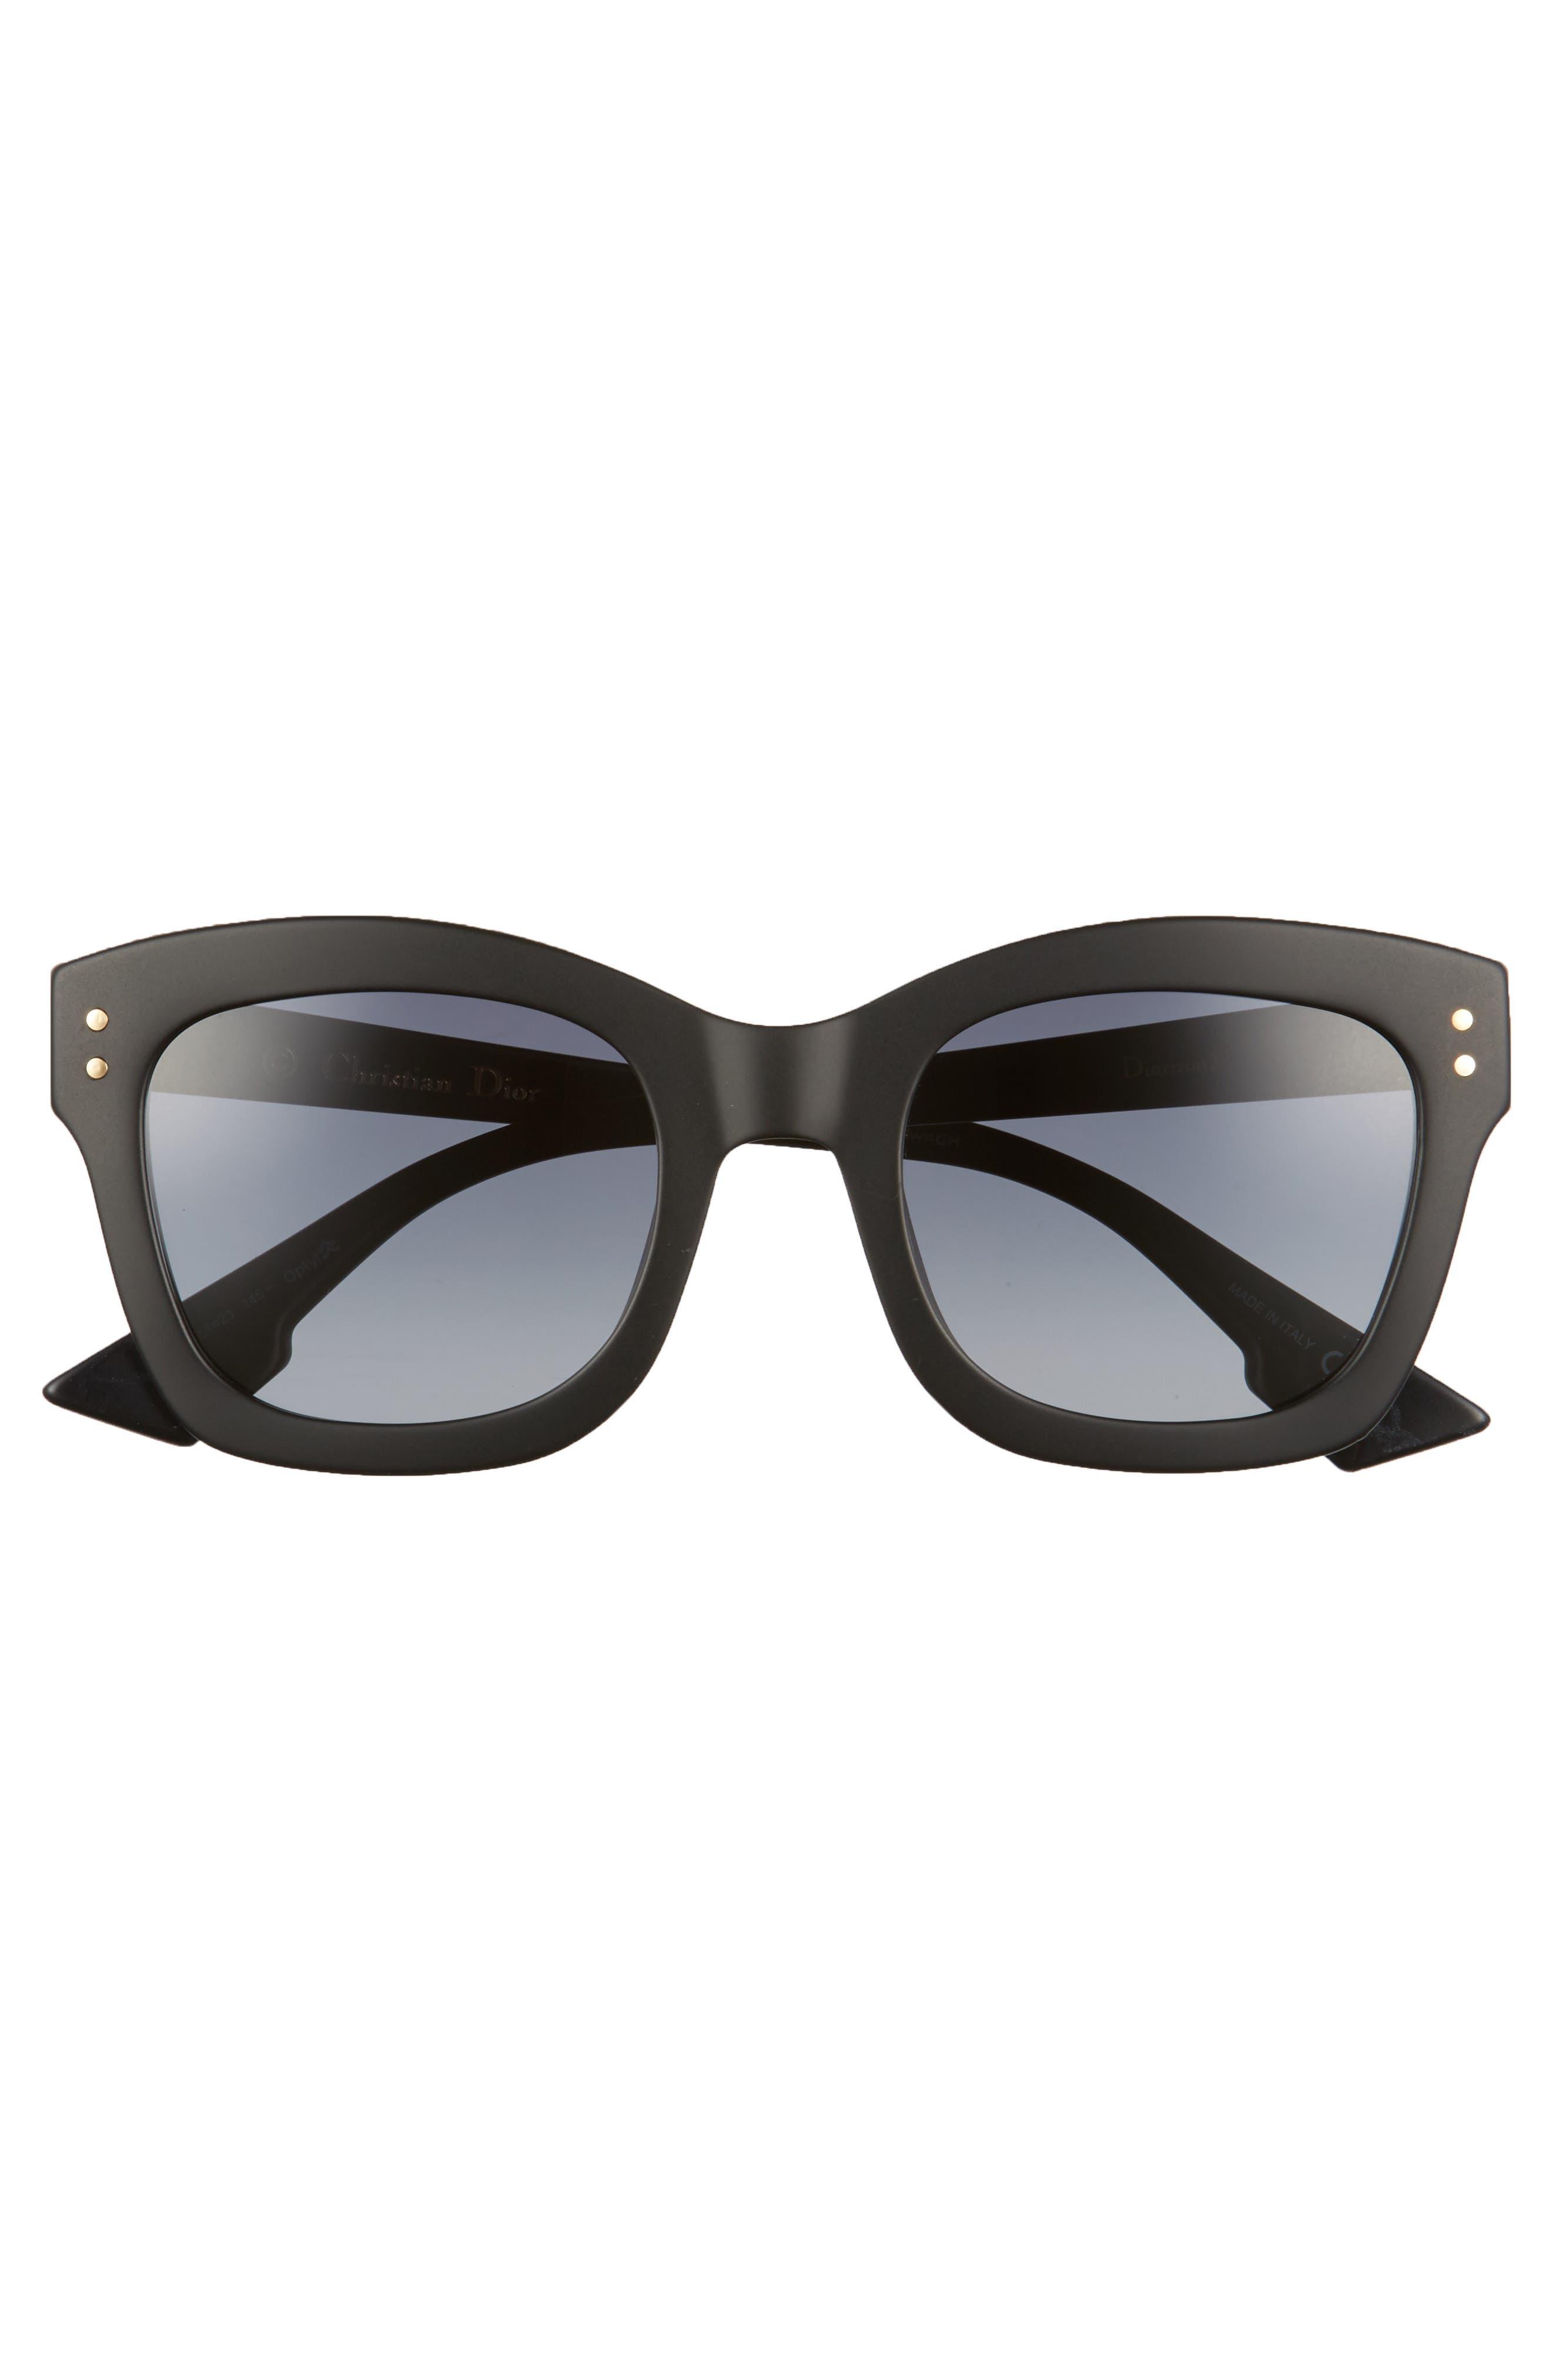 Izon 51mm Sunglasses,                             Alternate thumbnail 3, color,                             Black